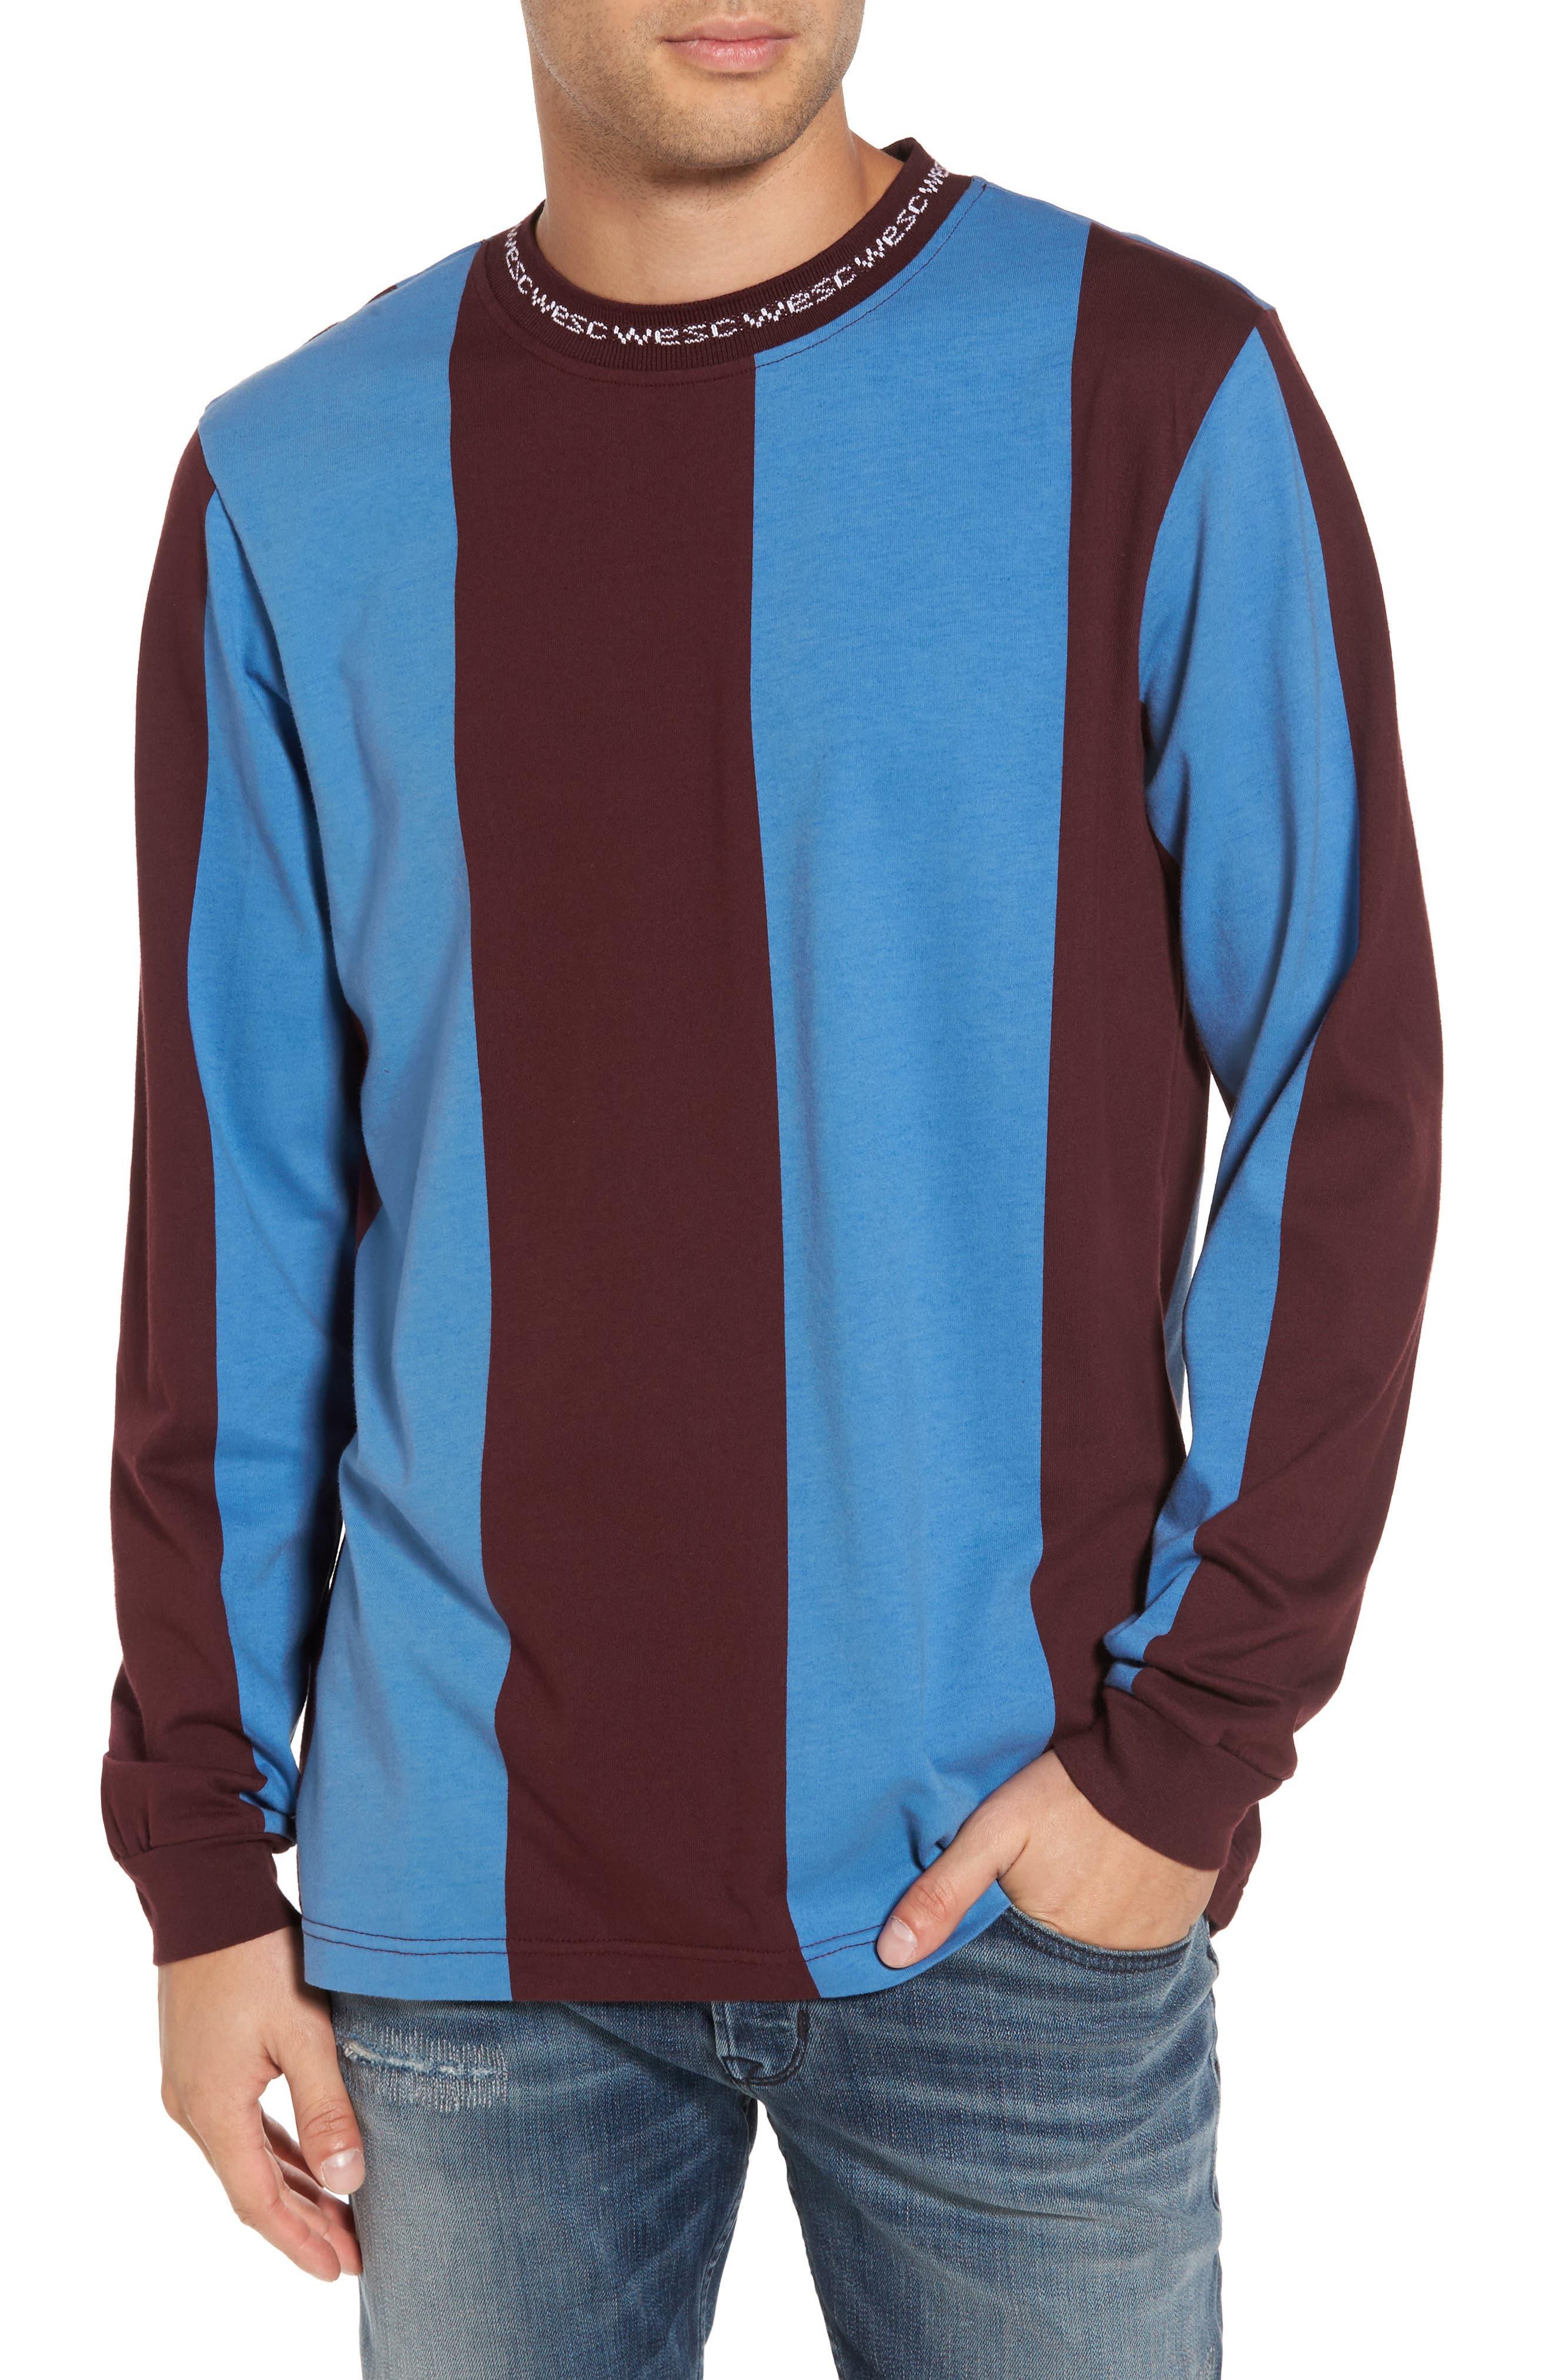 WeSC Manfred Stripe Fleece Sweater